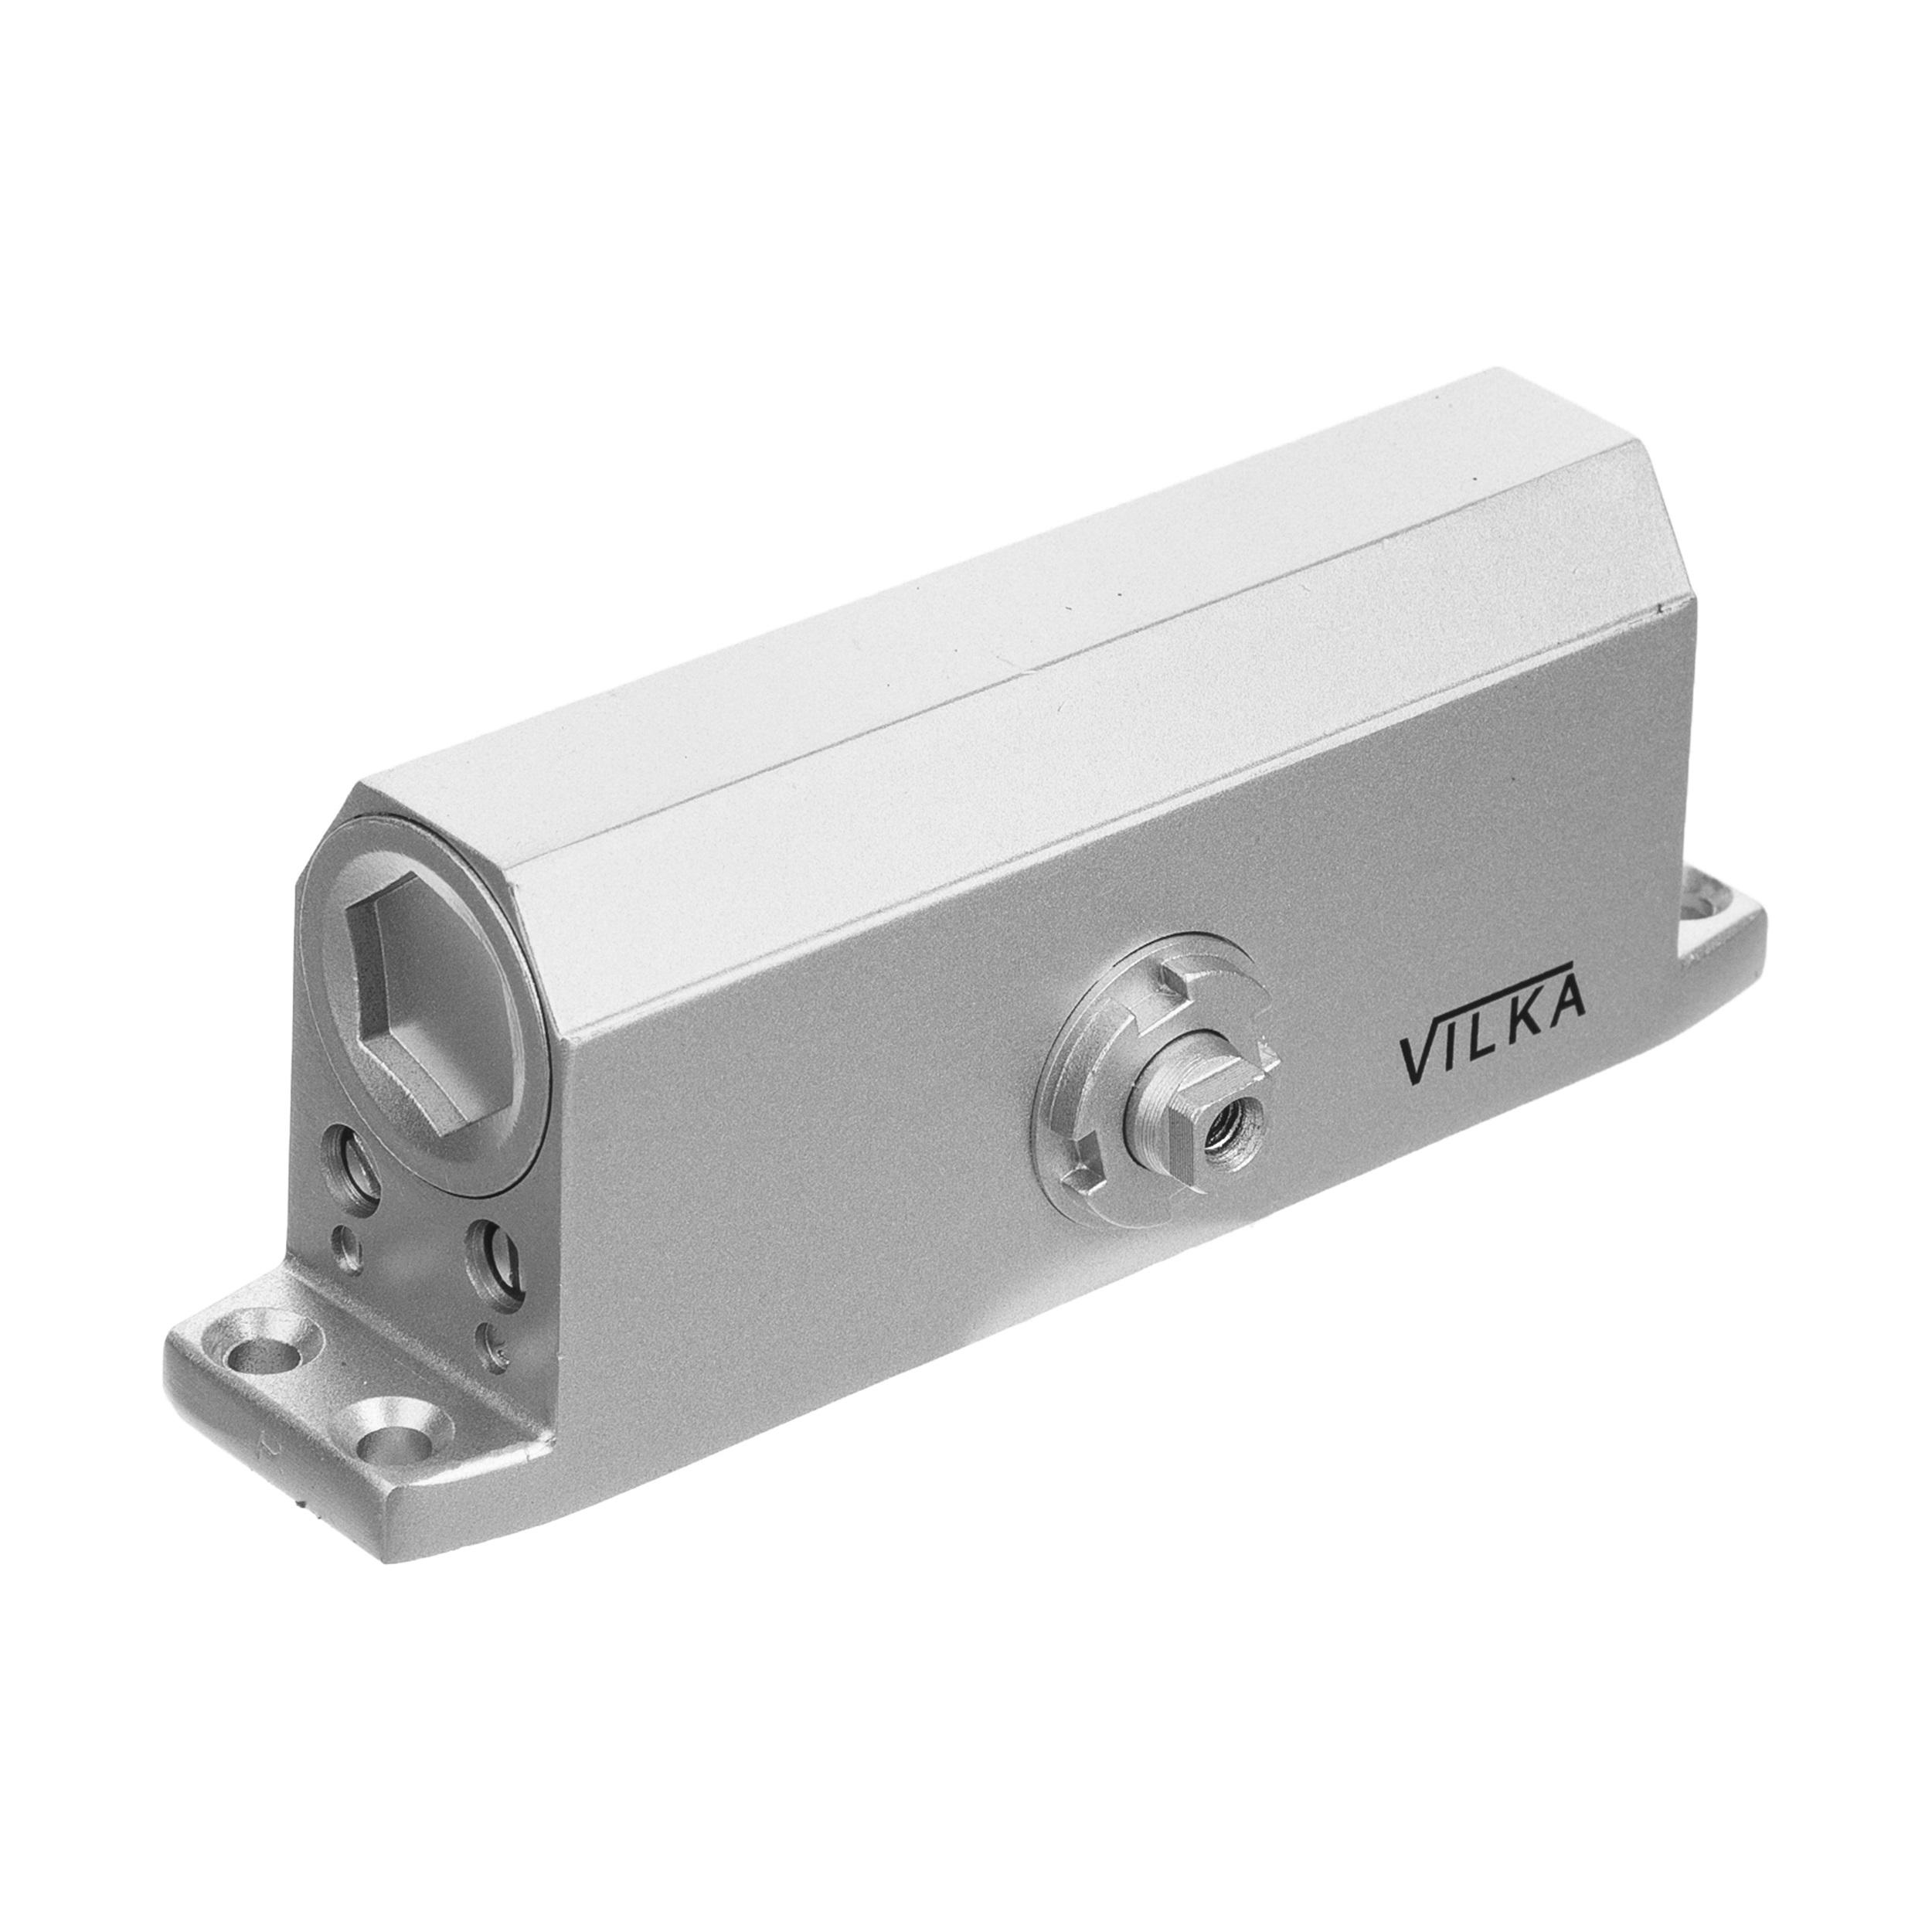 جک آرام بند ویلکا مدل vk062-60              ( قیمت عمده )